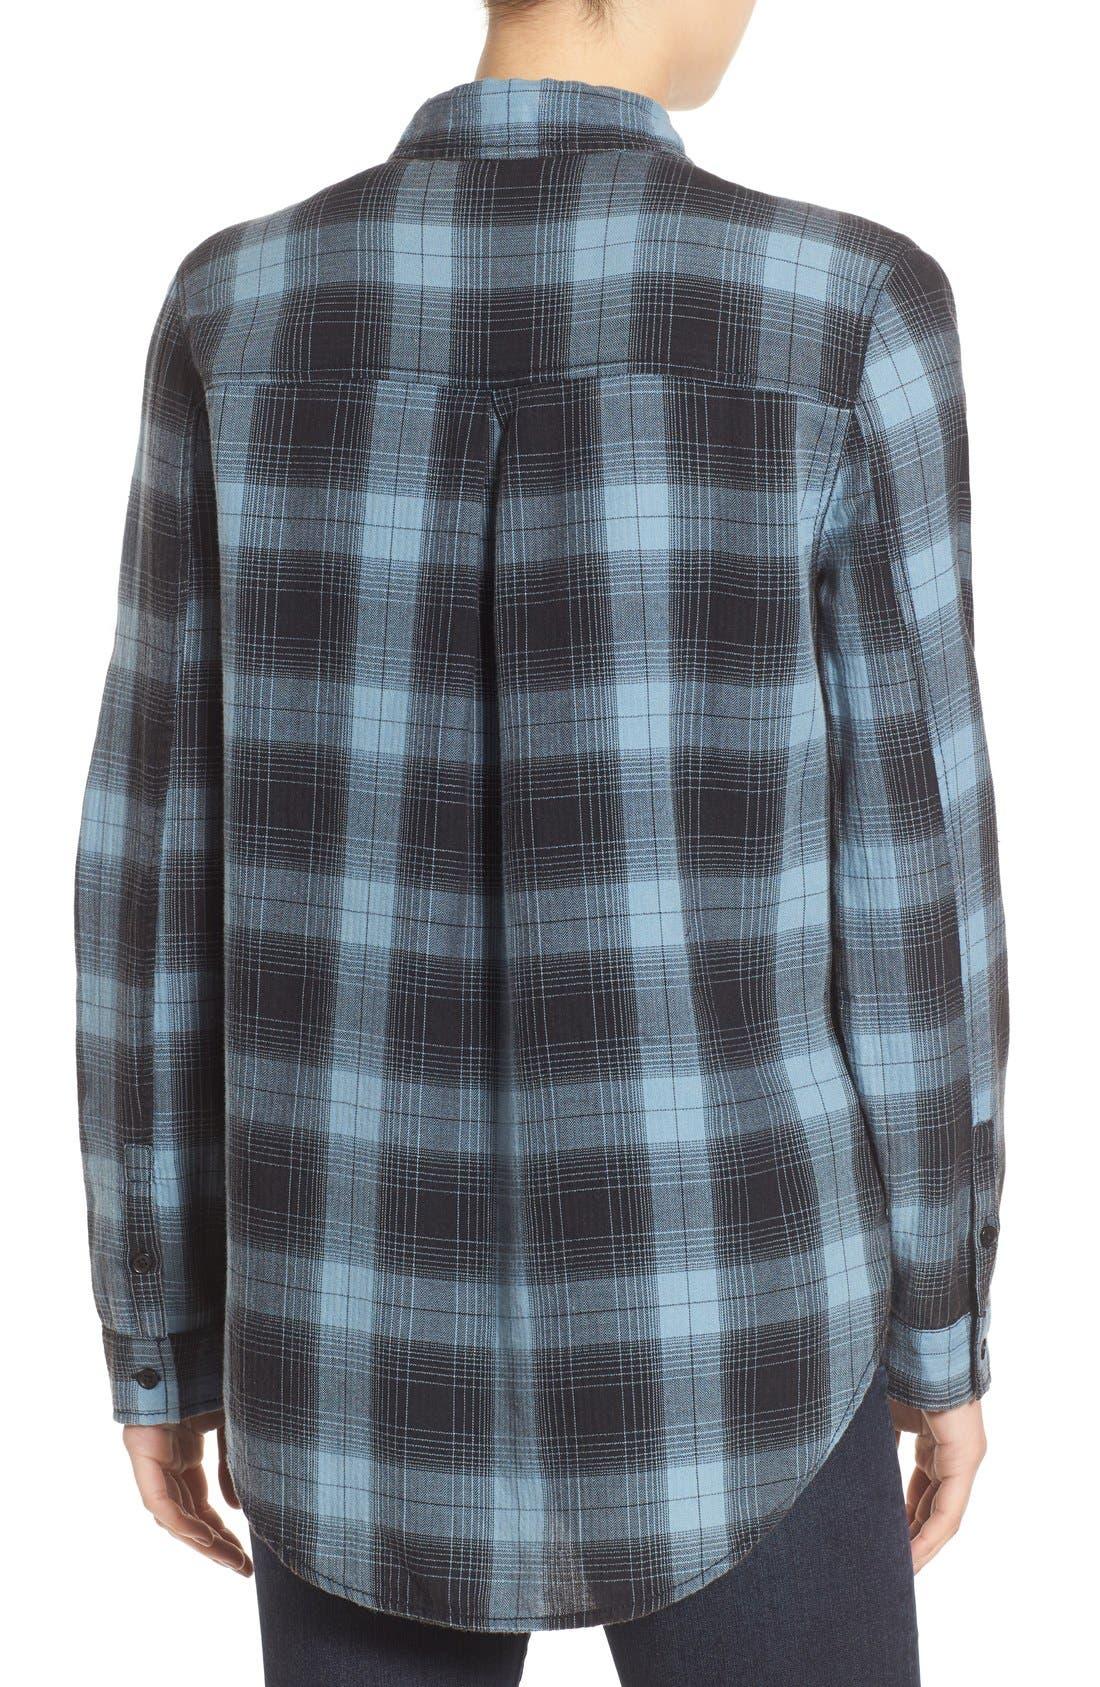 Alternate Image 2  - BP. Plaid Shirt